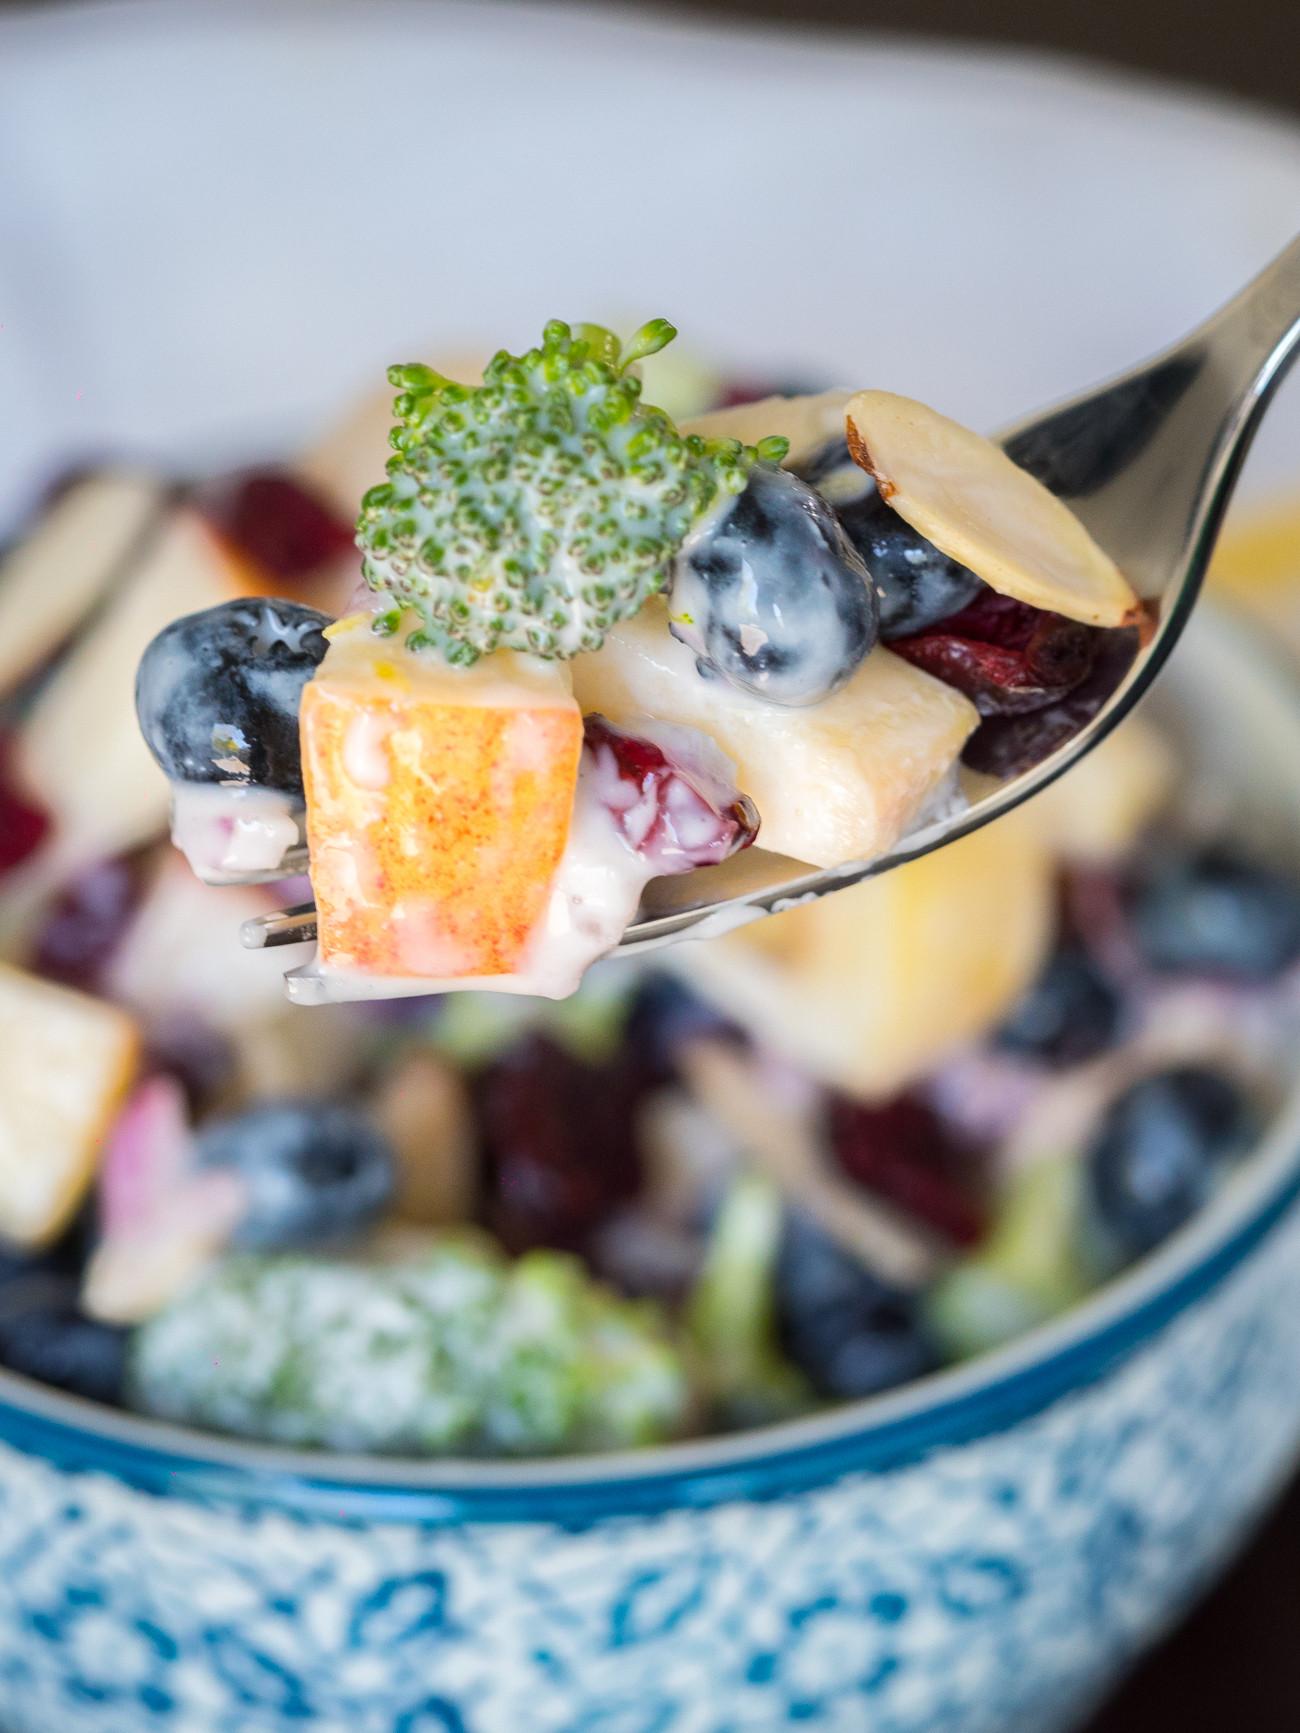 Broccoli Salad No Mayo  No Mayo Broccoli And Blueberry Salad – 12 Tomatoes